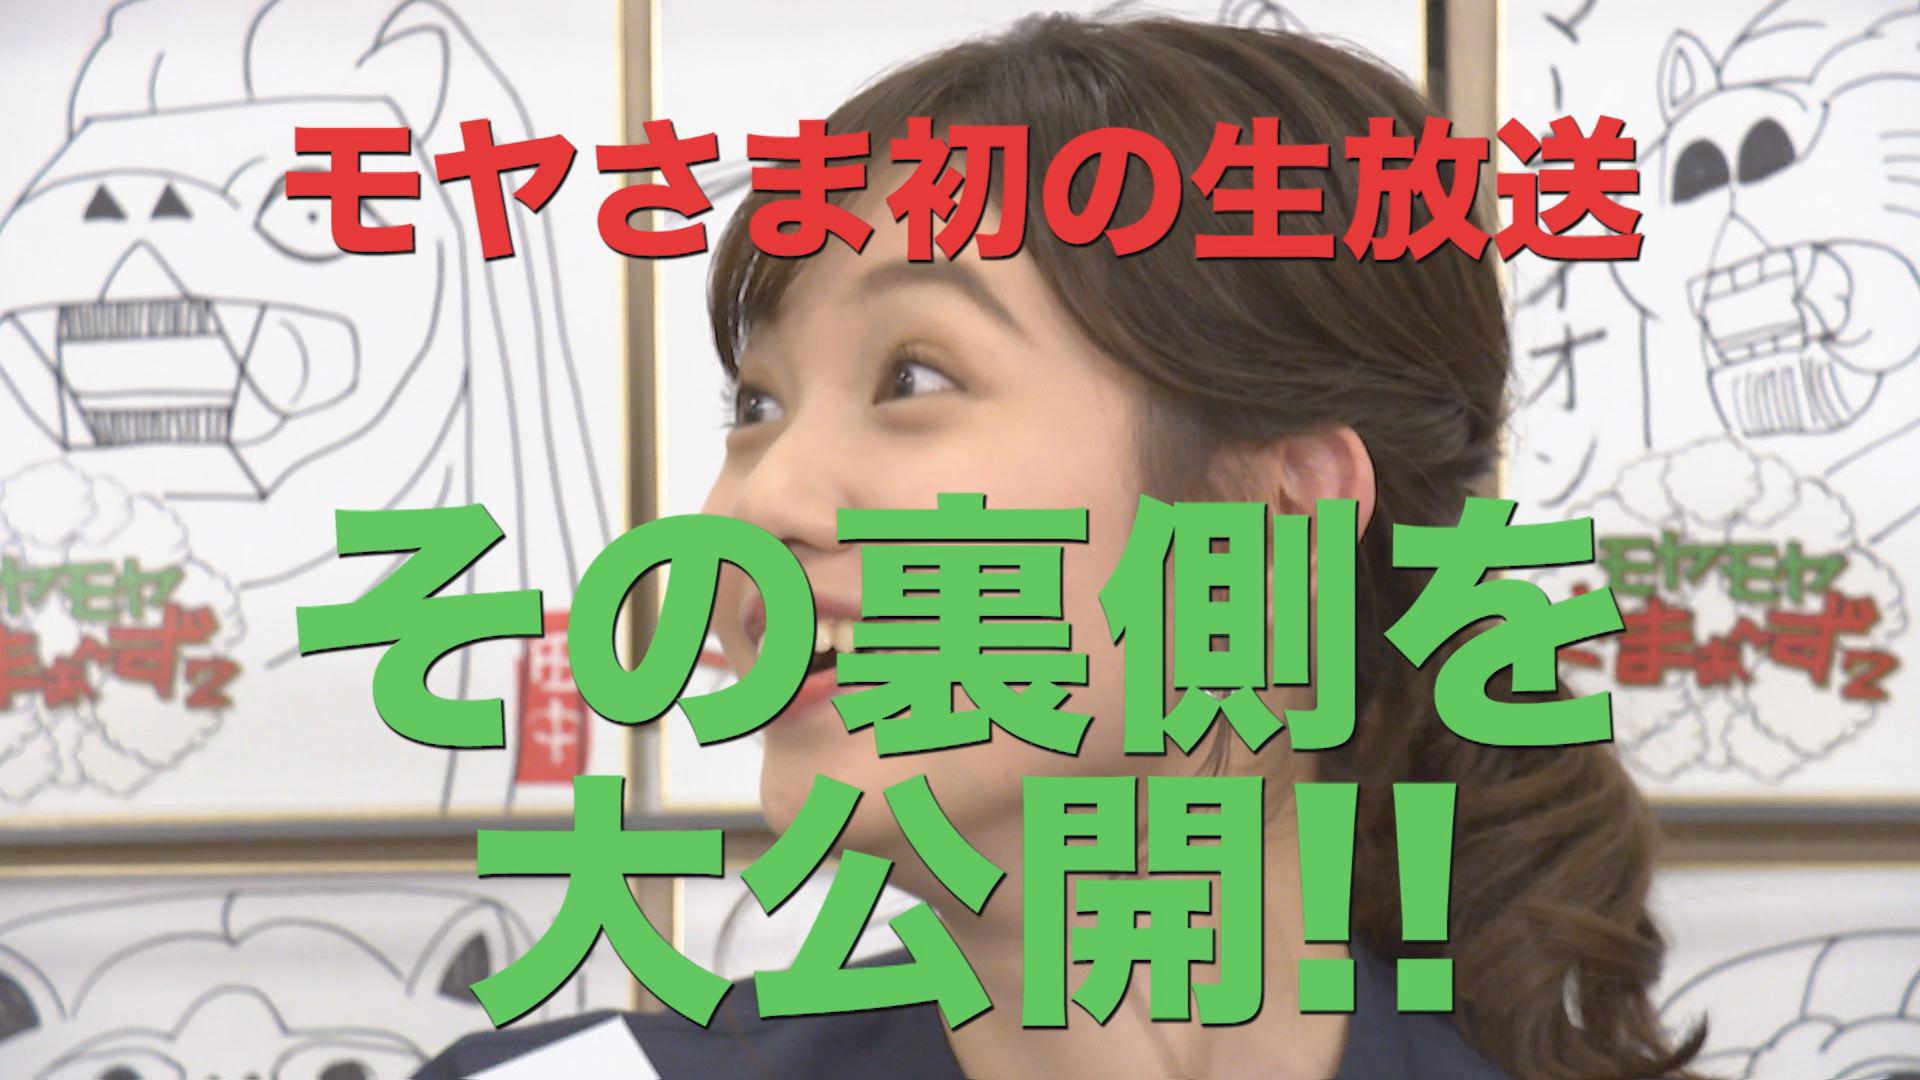 モヤ さま 生放送 モヤモヤさまぁ〜ず2 - ネット局と放送時間